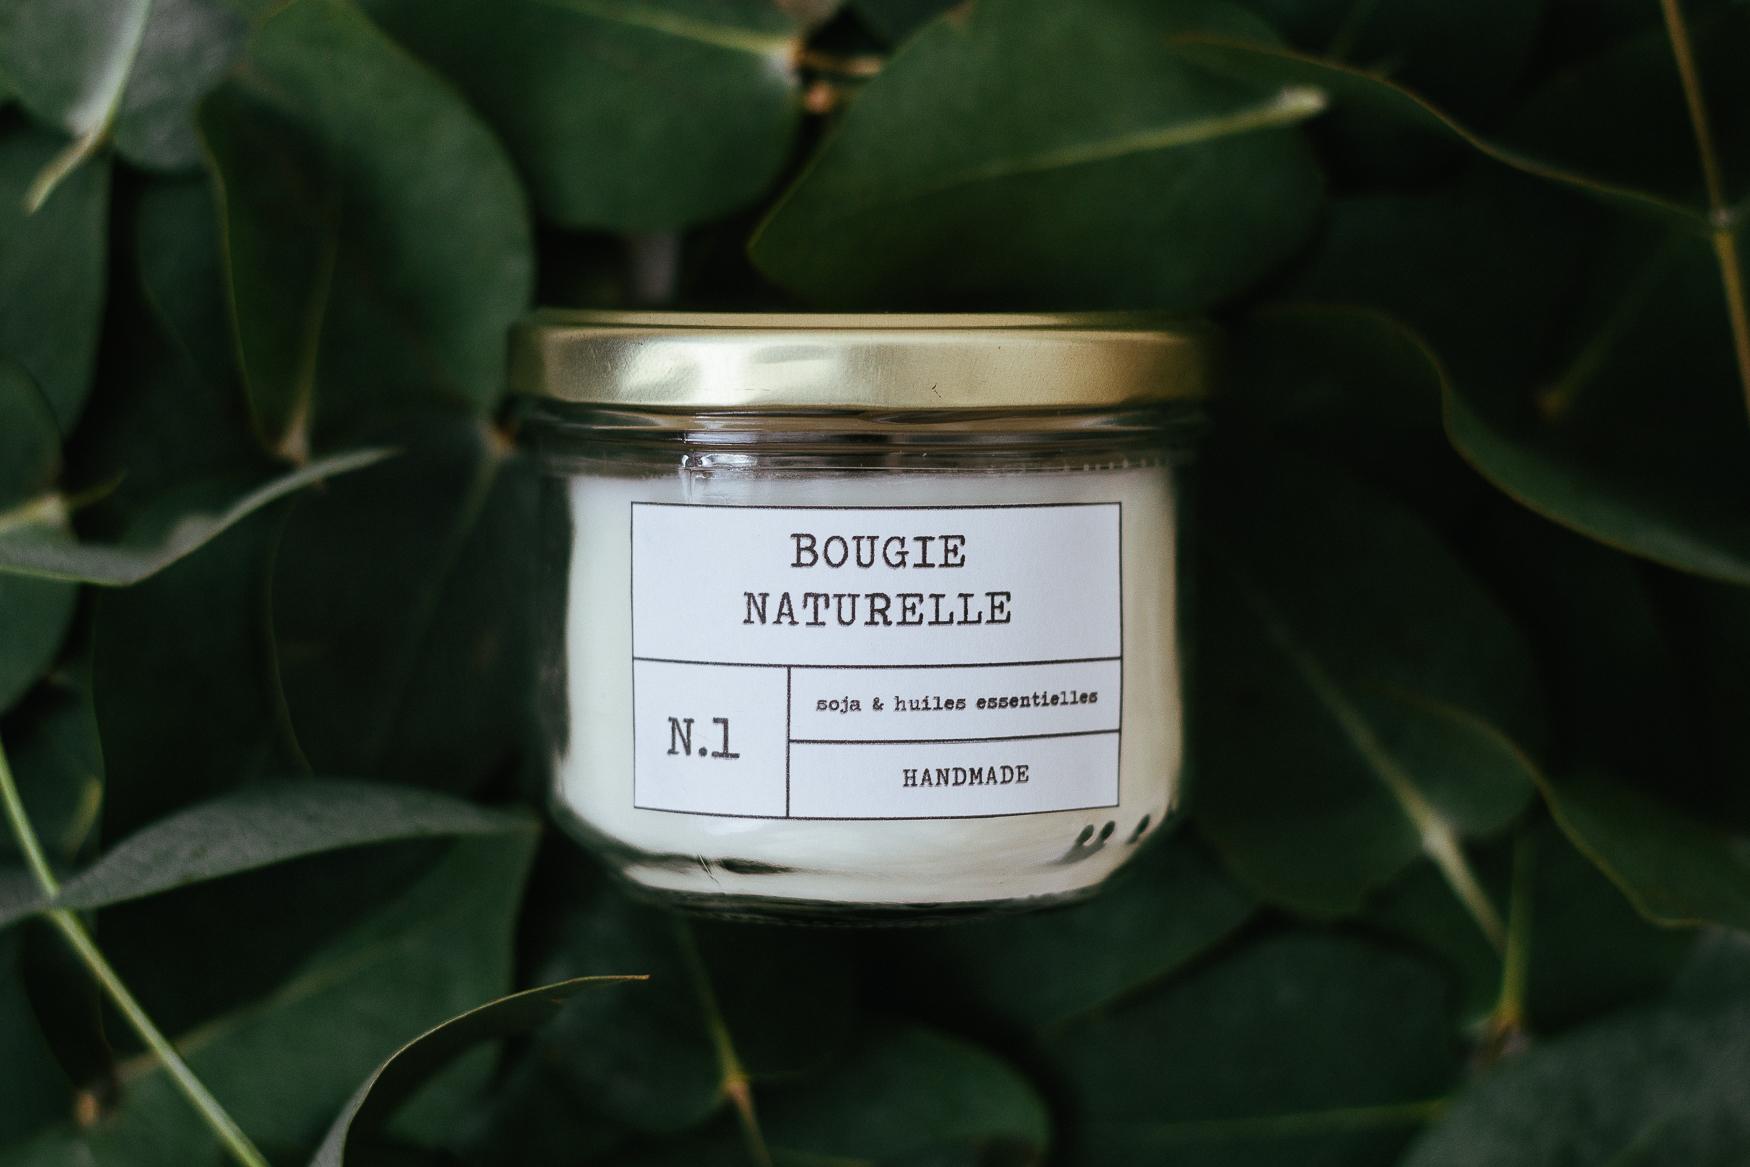 Bougie Huile Essentielle Maison bougie *naturelle* maison : douceur *d'ambre* - carnet de printemps